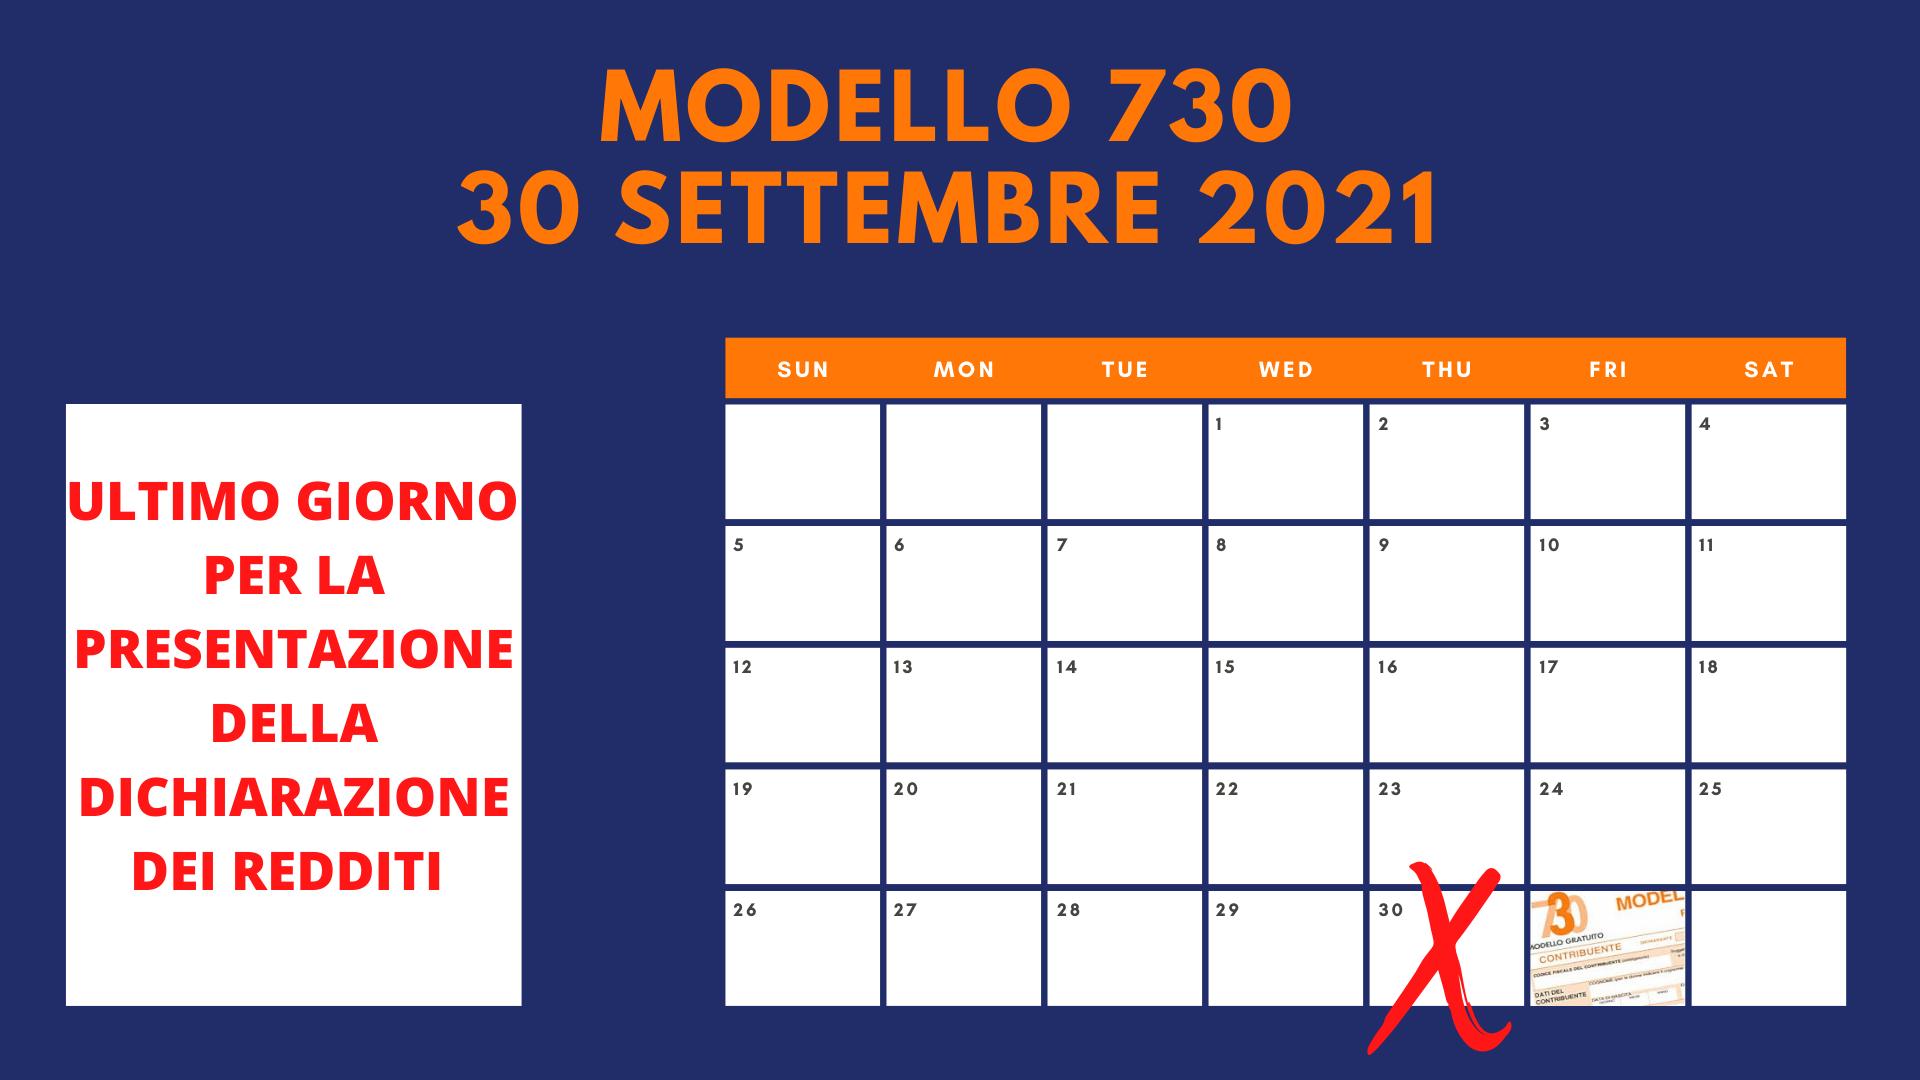 Modello 730: c'è ancora tempo fino al 30 settembre 2021